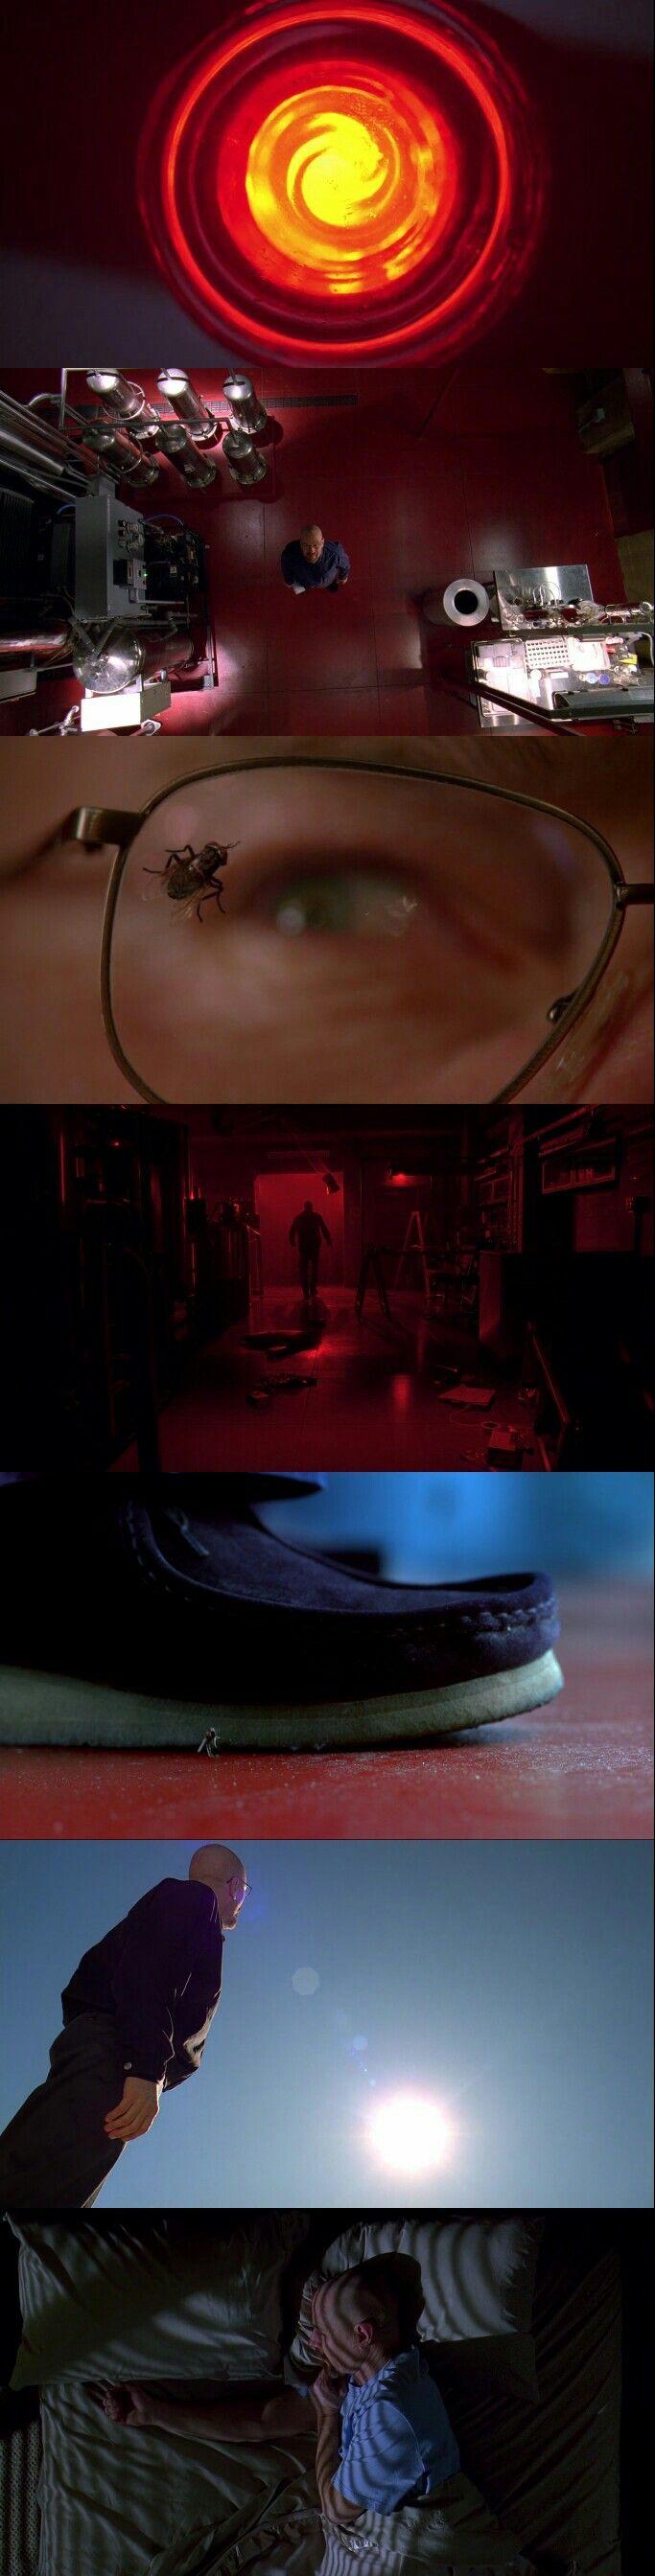 Breaking Bad (2008 - 2013) Season 3 Episode 10 : Fly